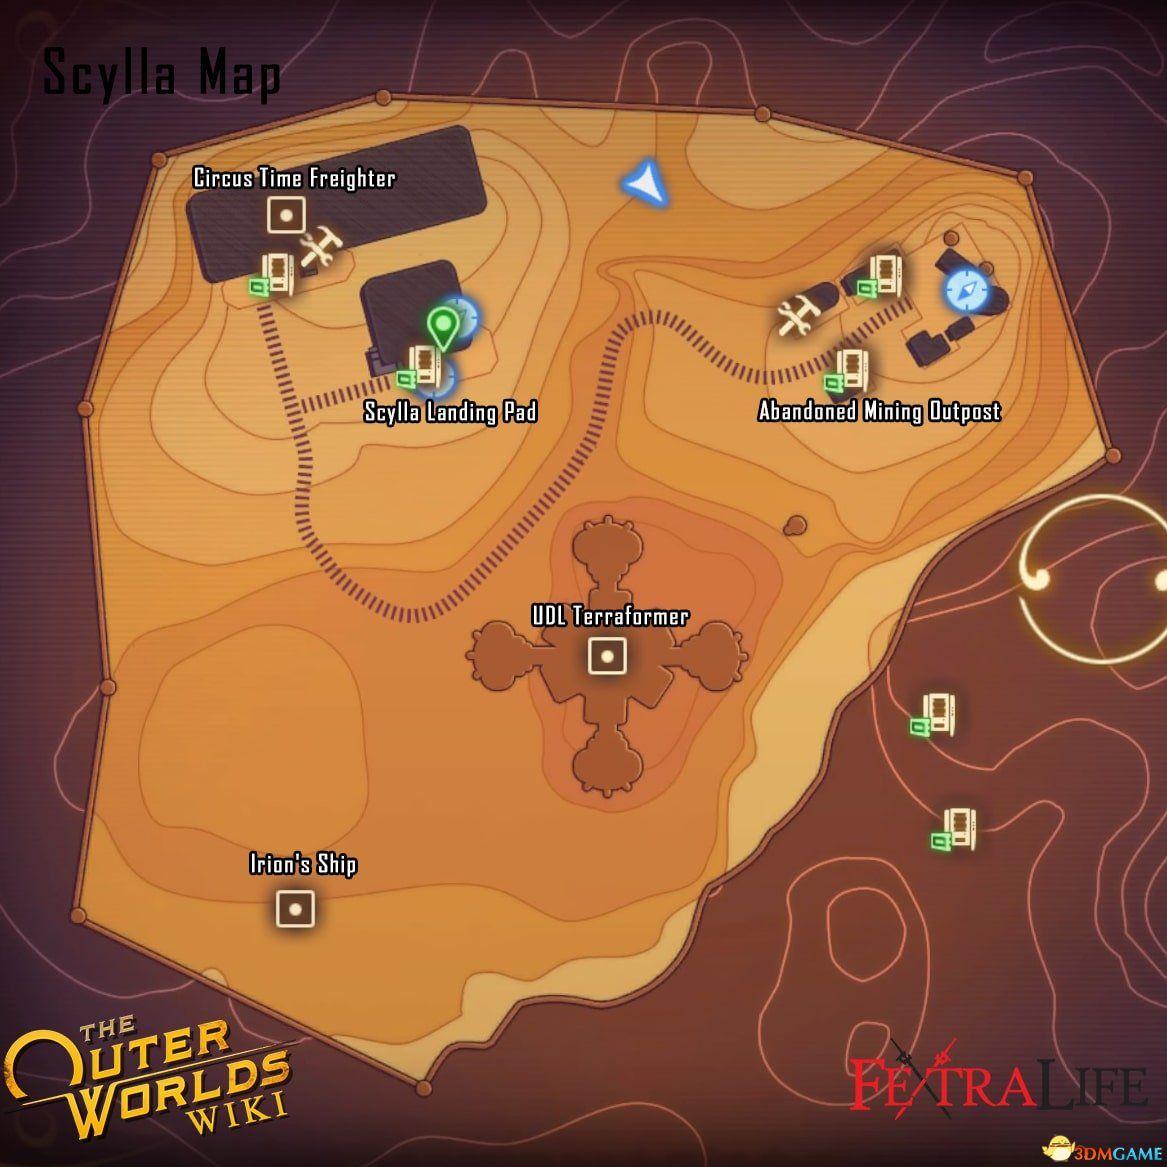 《天外世界》斯库拉关键地点及传送点位置分享